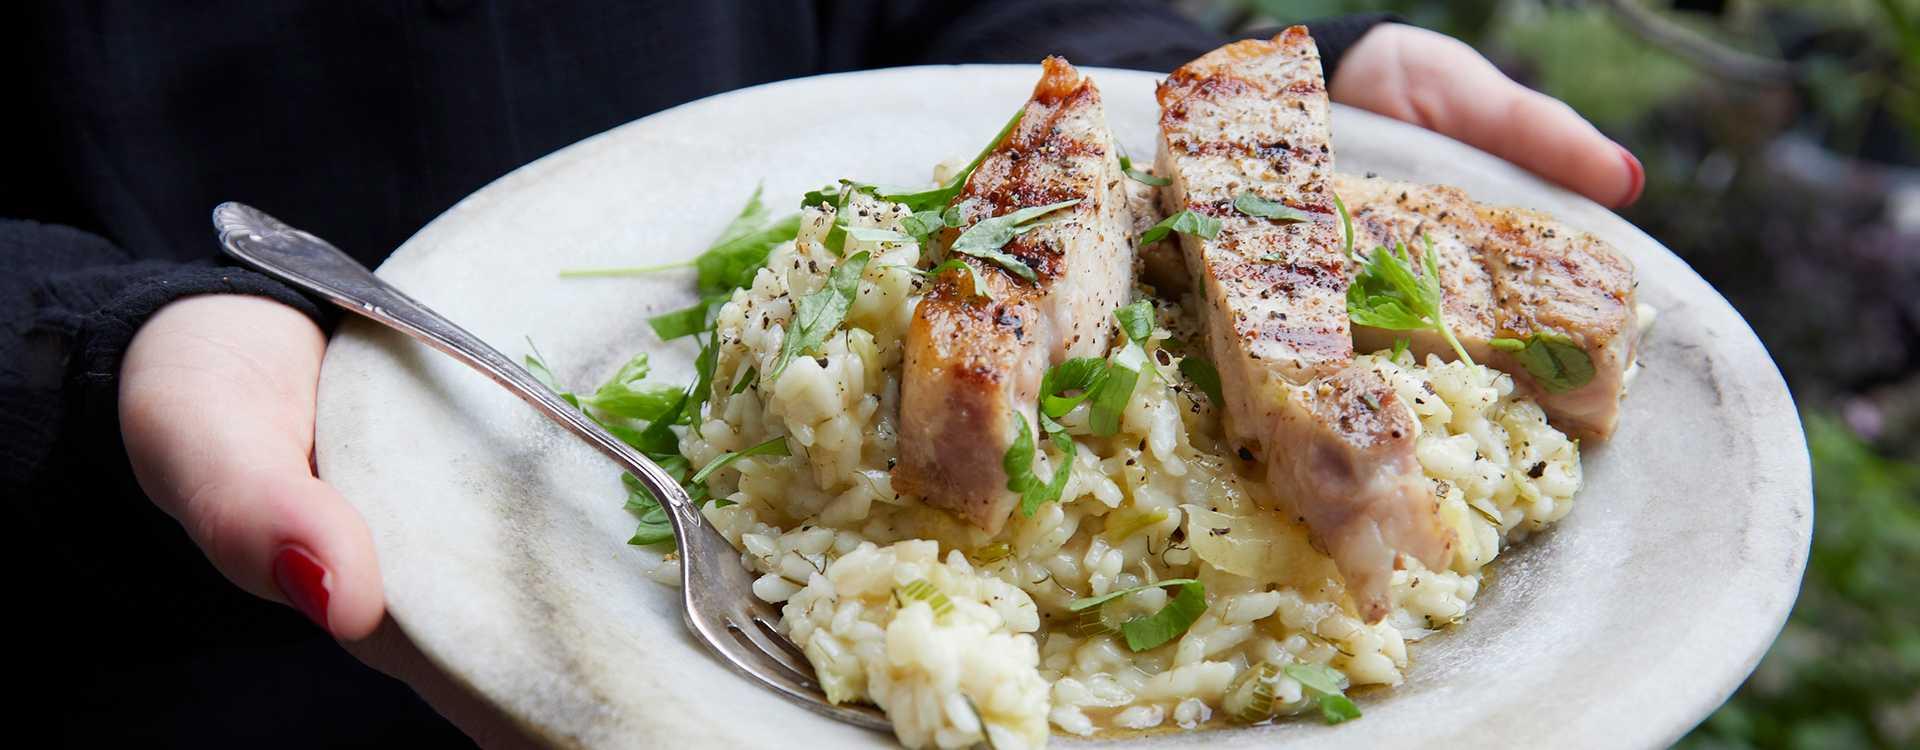 Grillede svinekoteletter med fennikelrisotto